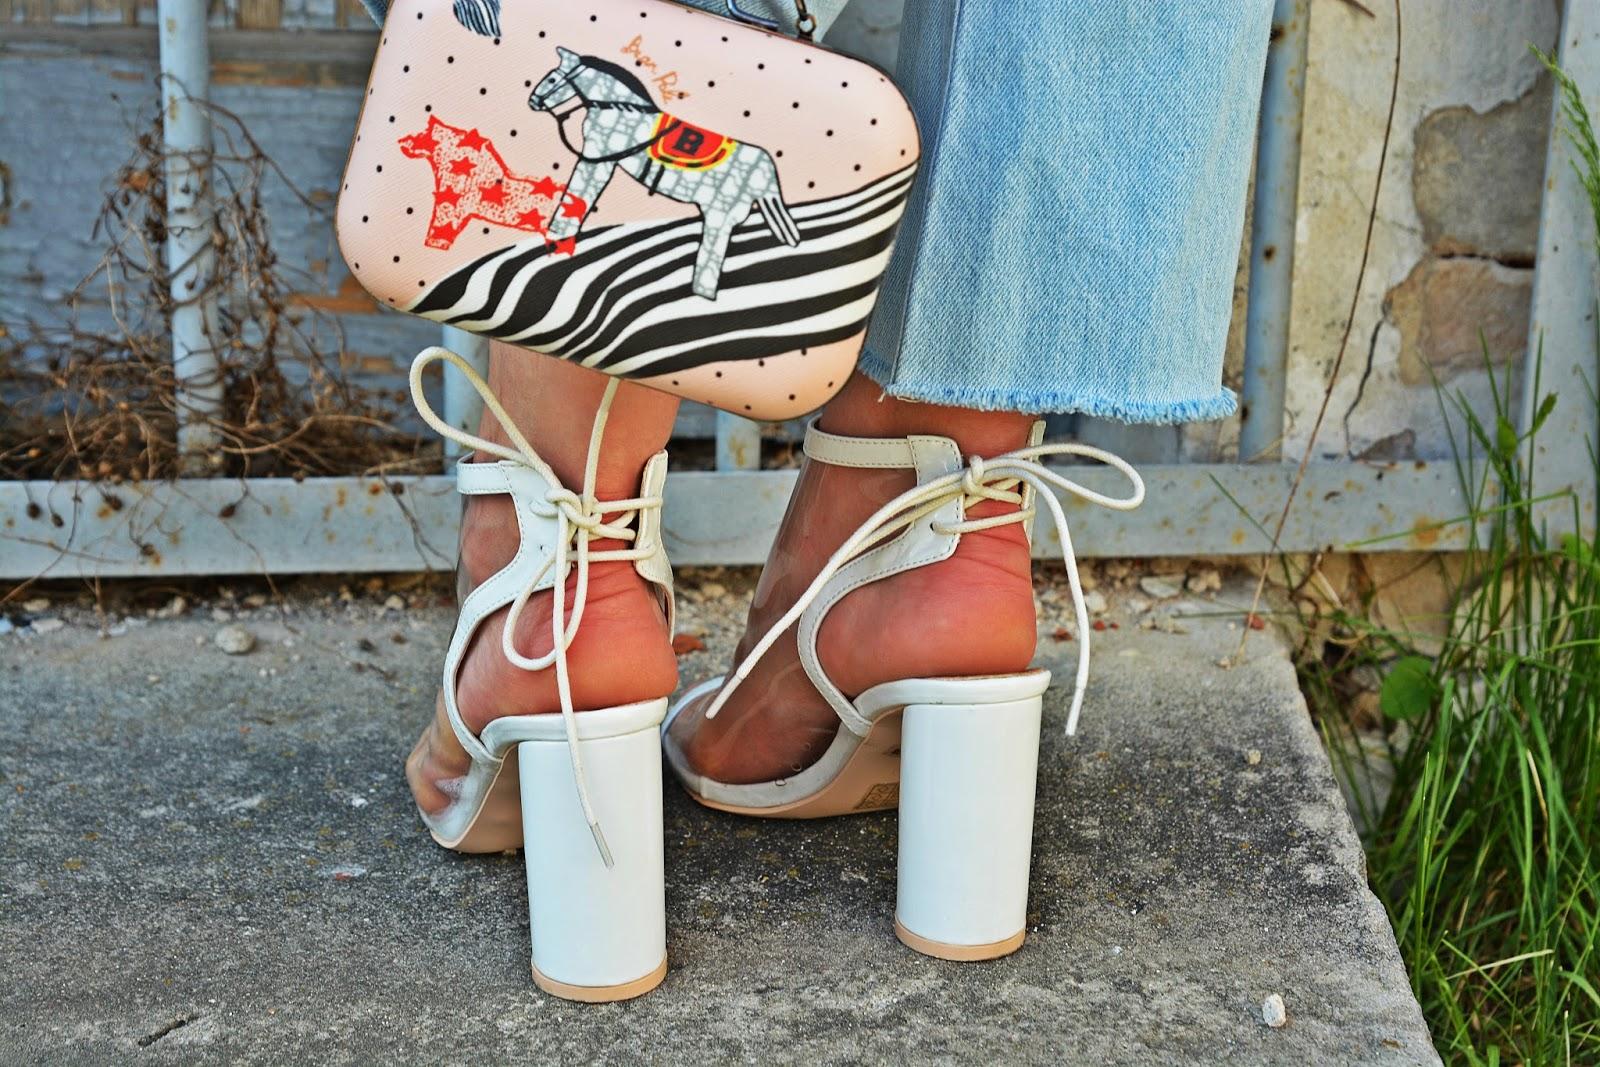 3_nakd_spodnie_jeansy_rozowa_ramoneska_przezroczyste_sandalki_renee_karyn_blog_modowy_220418